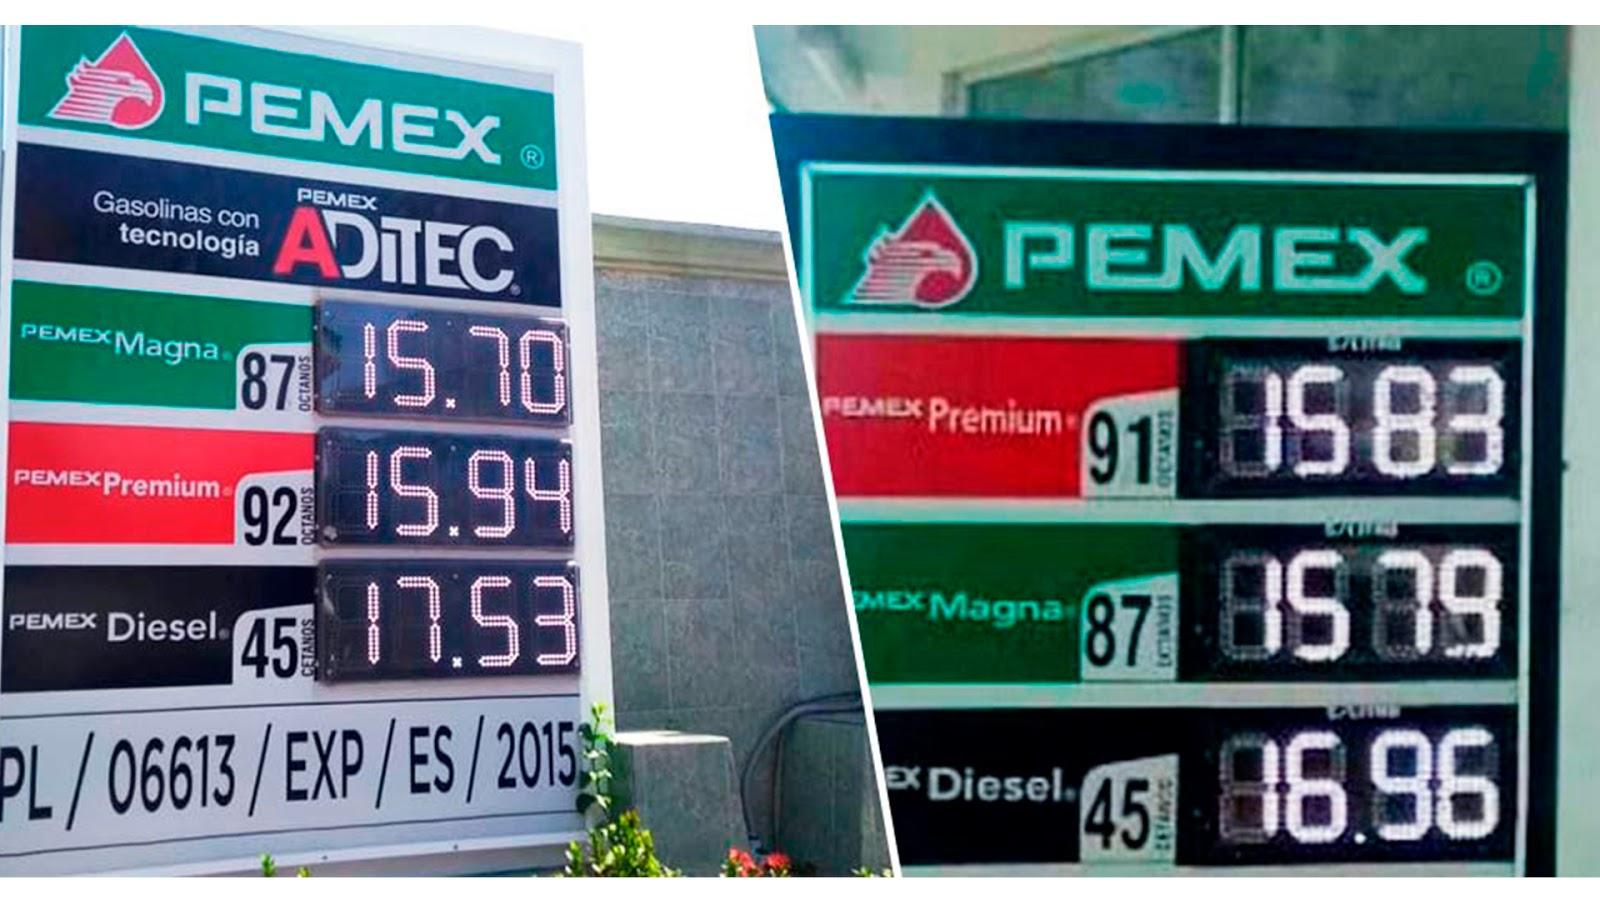 AMLO hizo en 1 semana, lo que EPN no hizo en 6 años: bajar precios de gasolinas